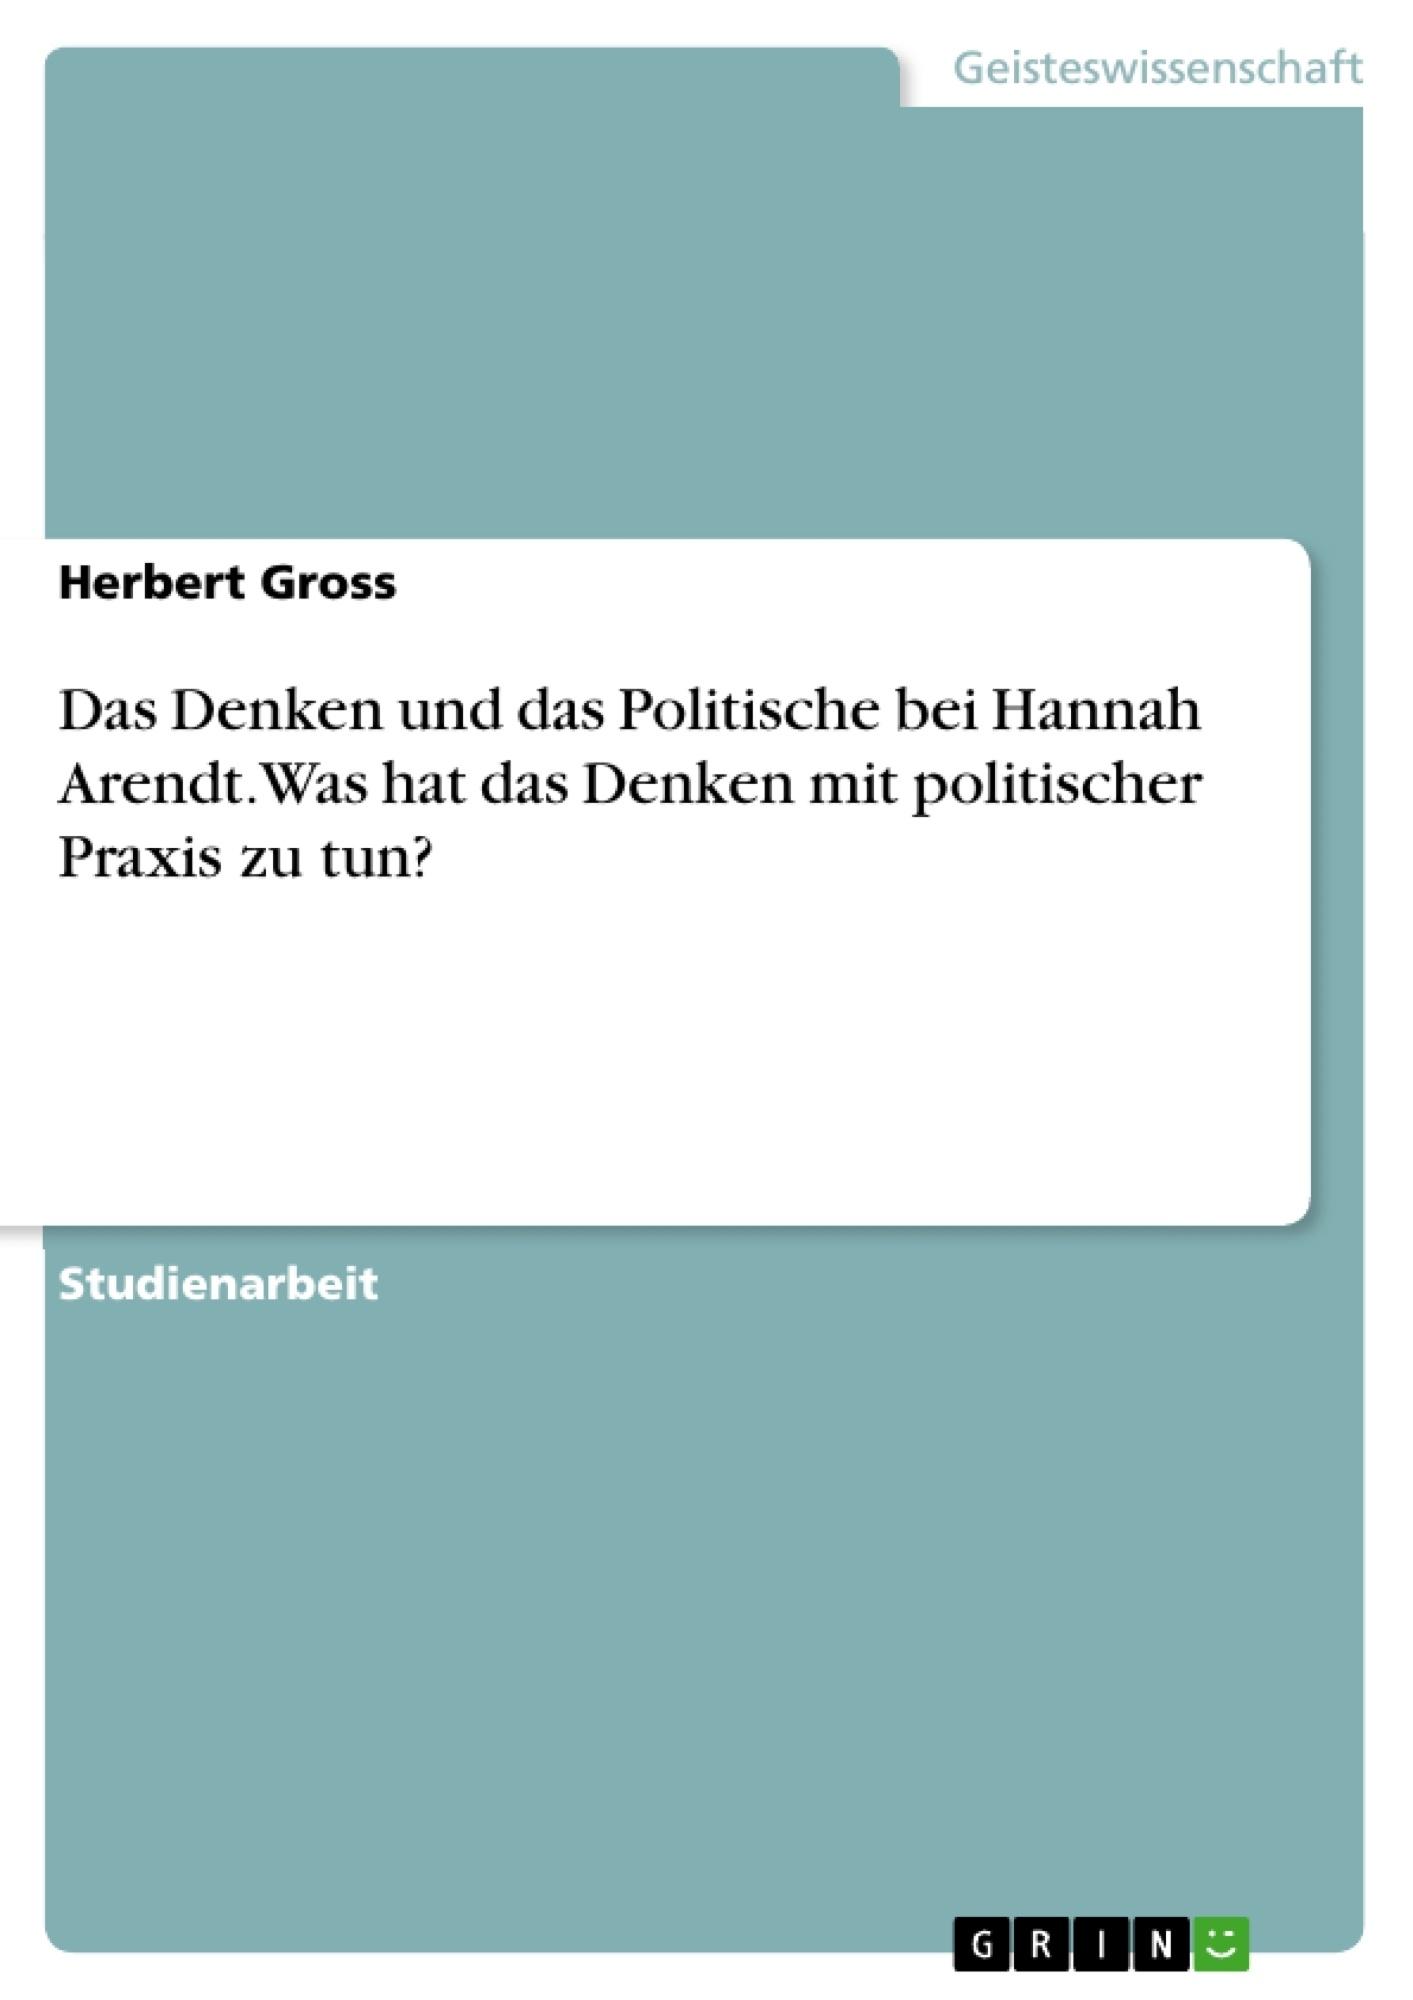 Titel: Das Denken und das Politische bei Hannah Arendt. Was hat das Denken mit politischer Praxis zu tun?